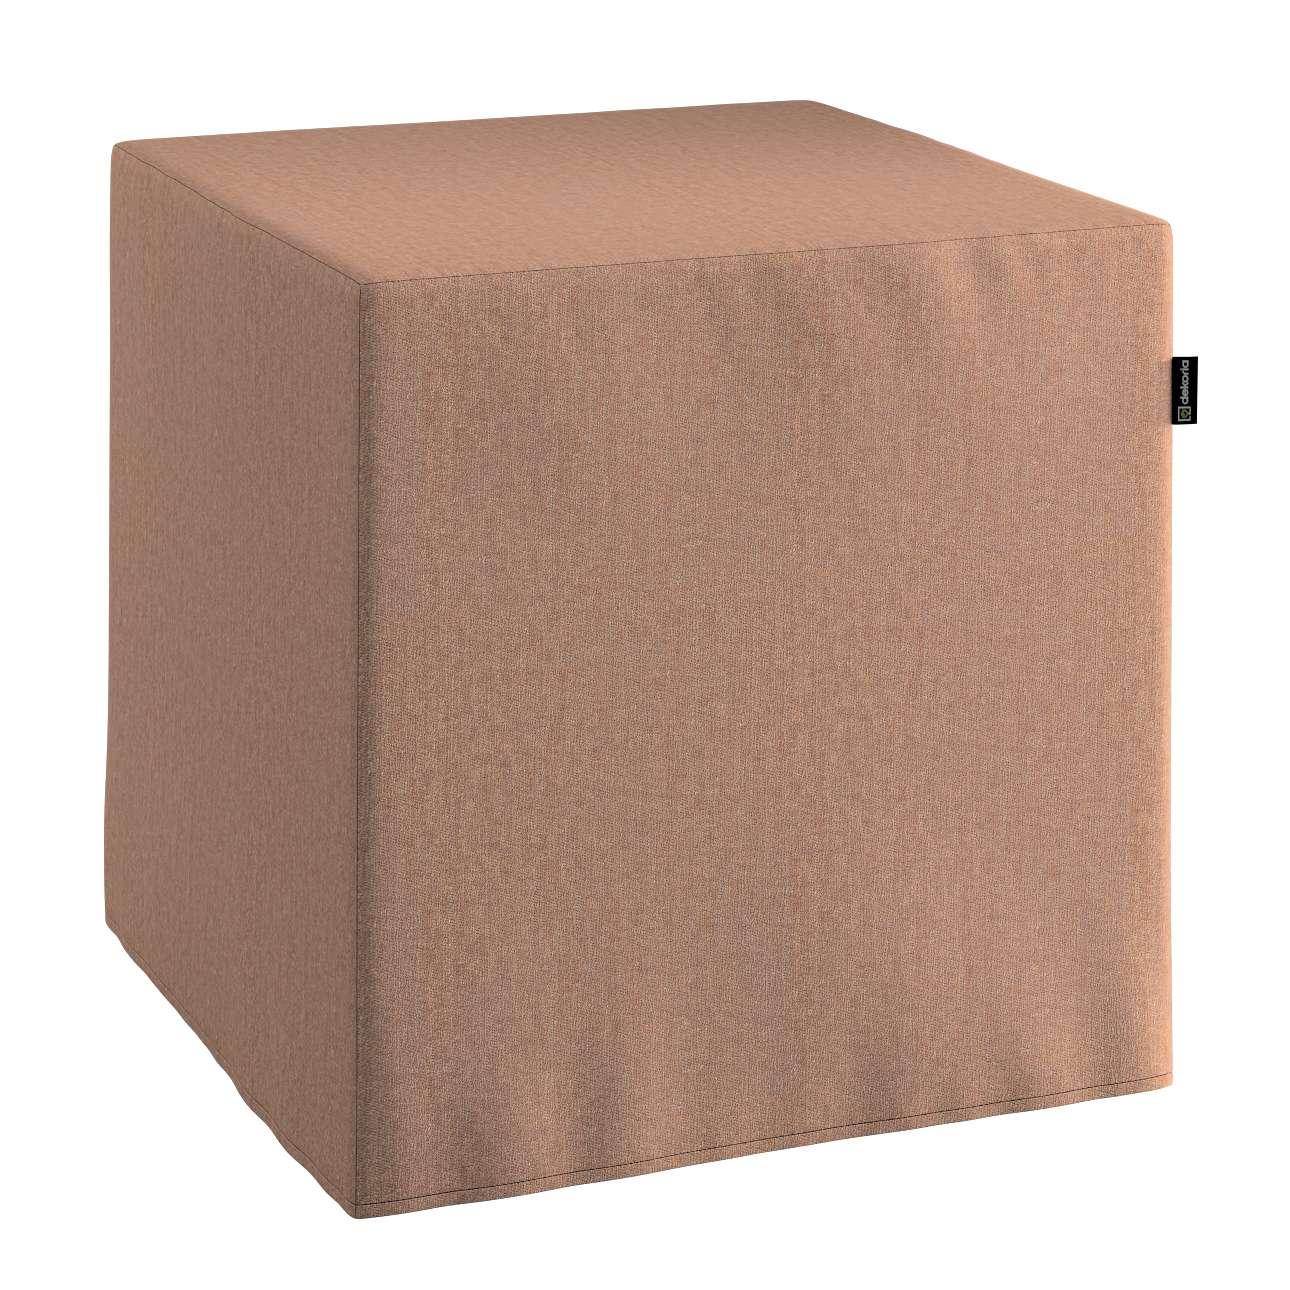 Taburetka tvrdá, kocka V kolekcii Chenille, tkanina: 702-21